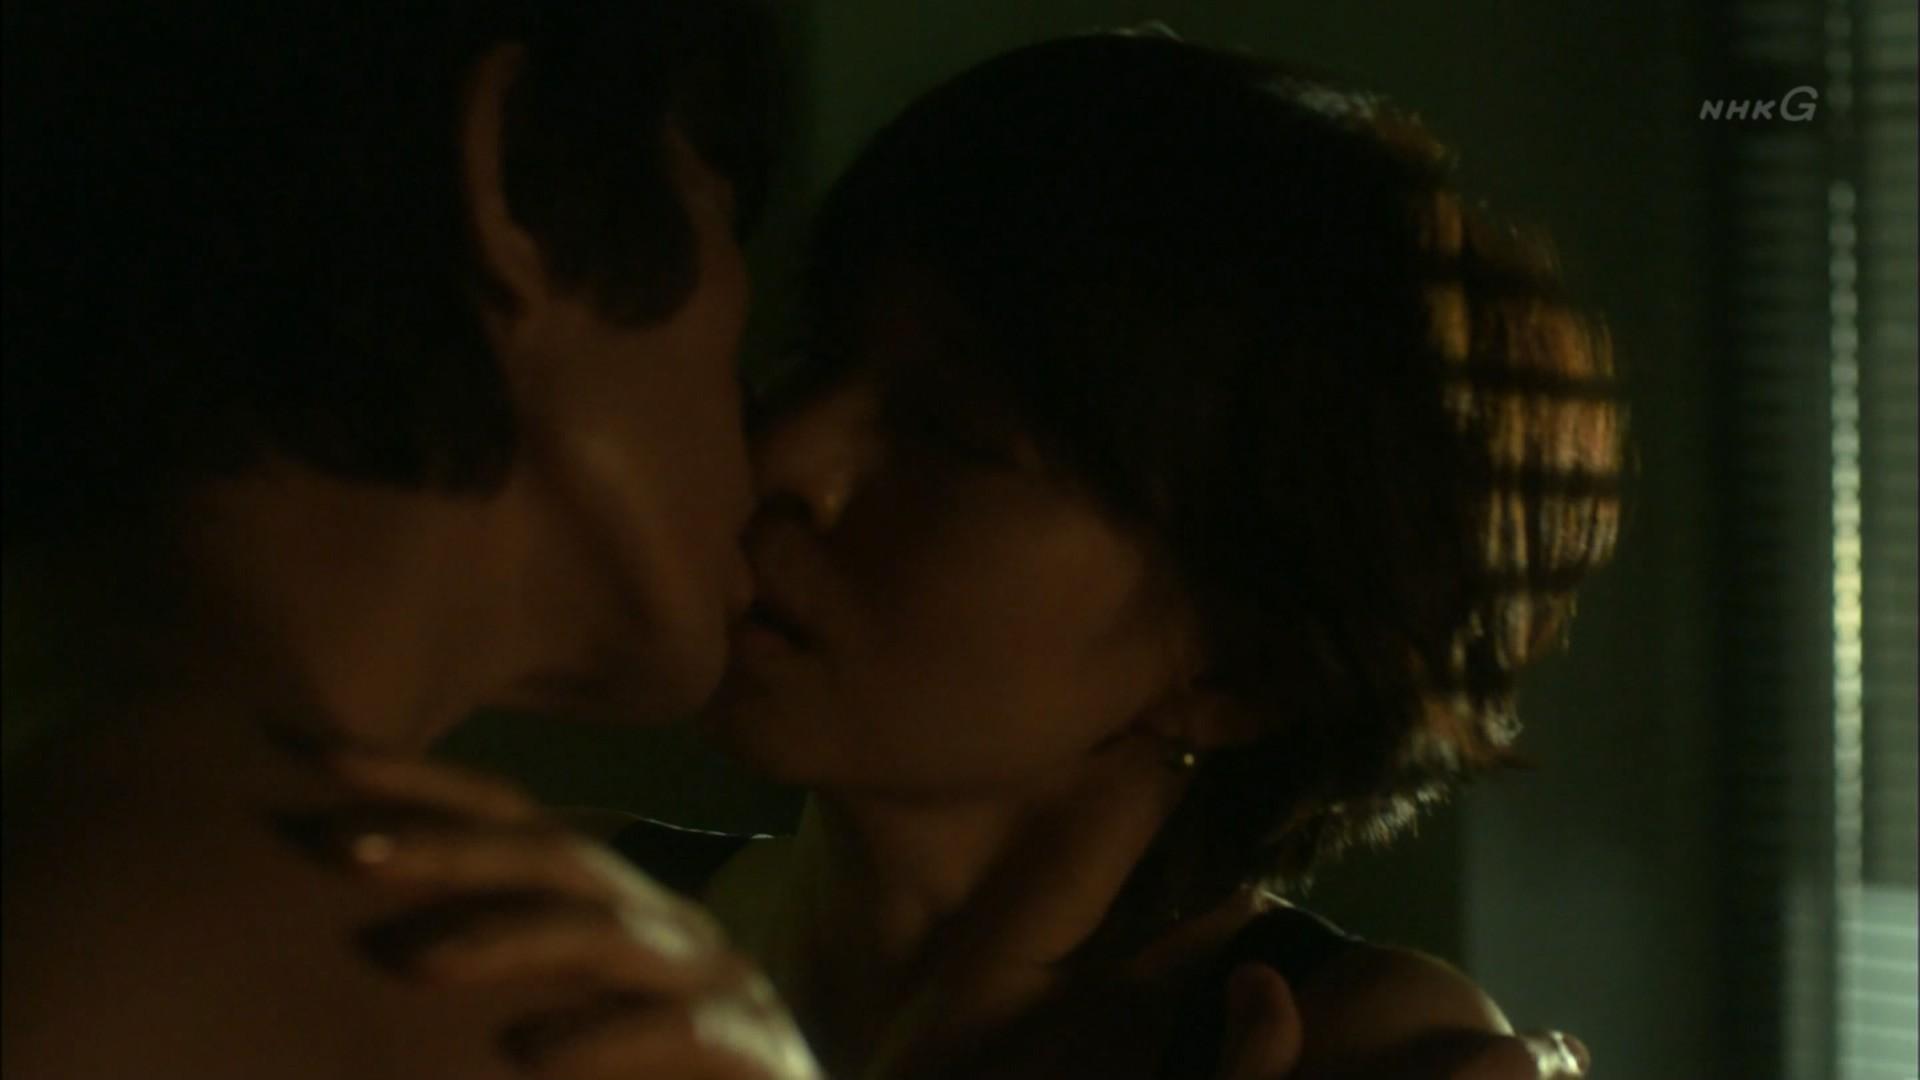 石田ゆり子 NHKのドラマで濃厚ラブシーンキャプ・エロ画像5